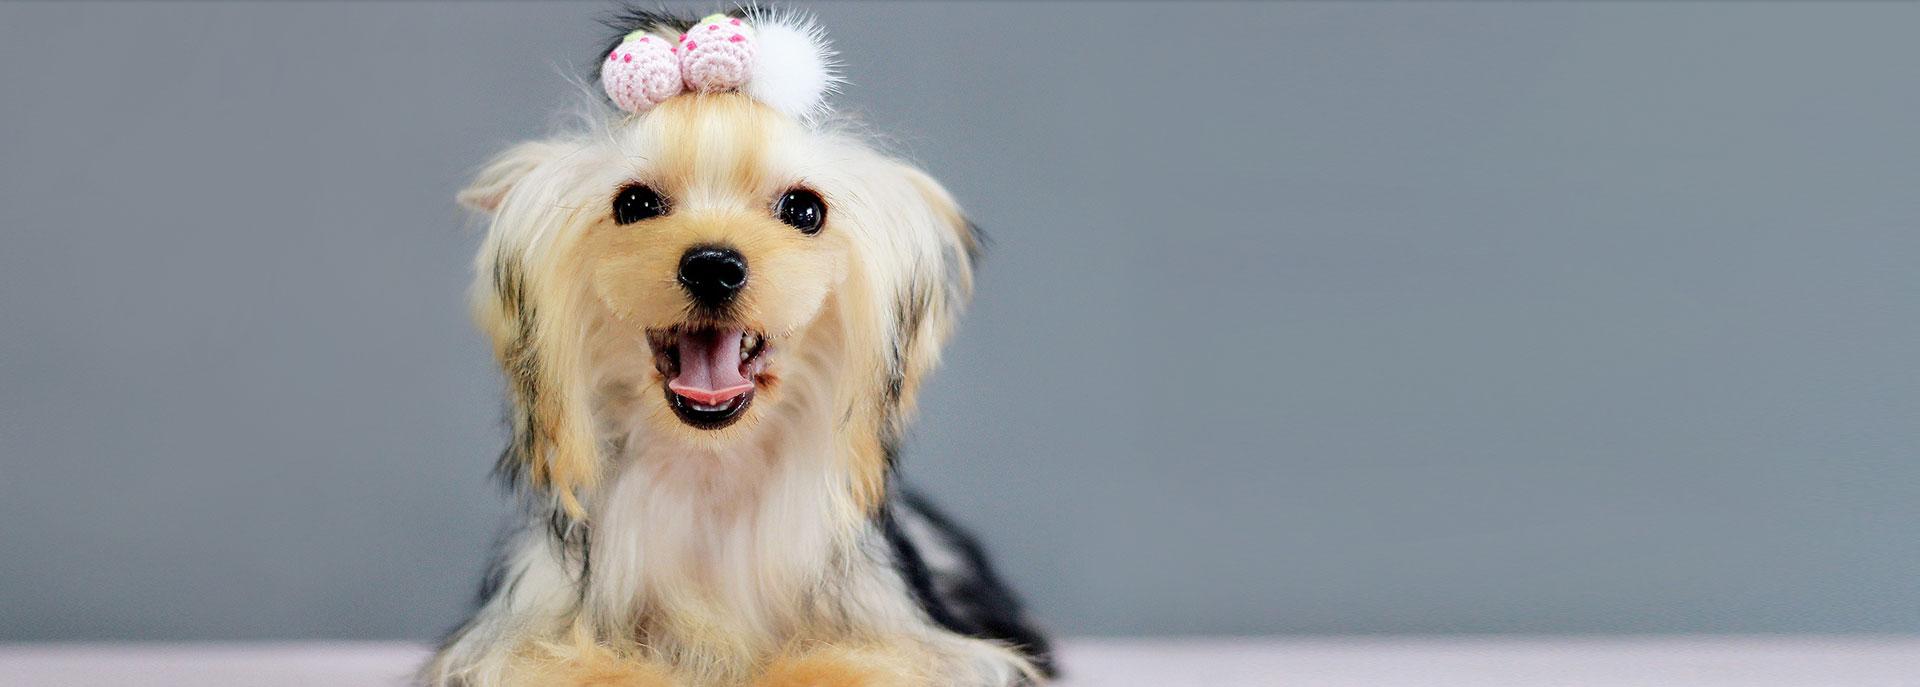 宠物美容培训常用的美容工具